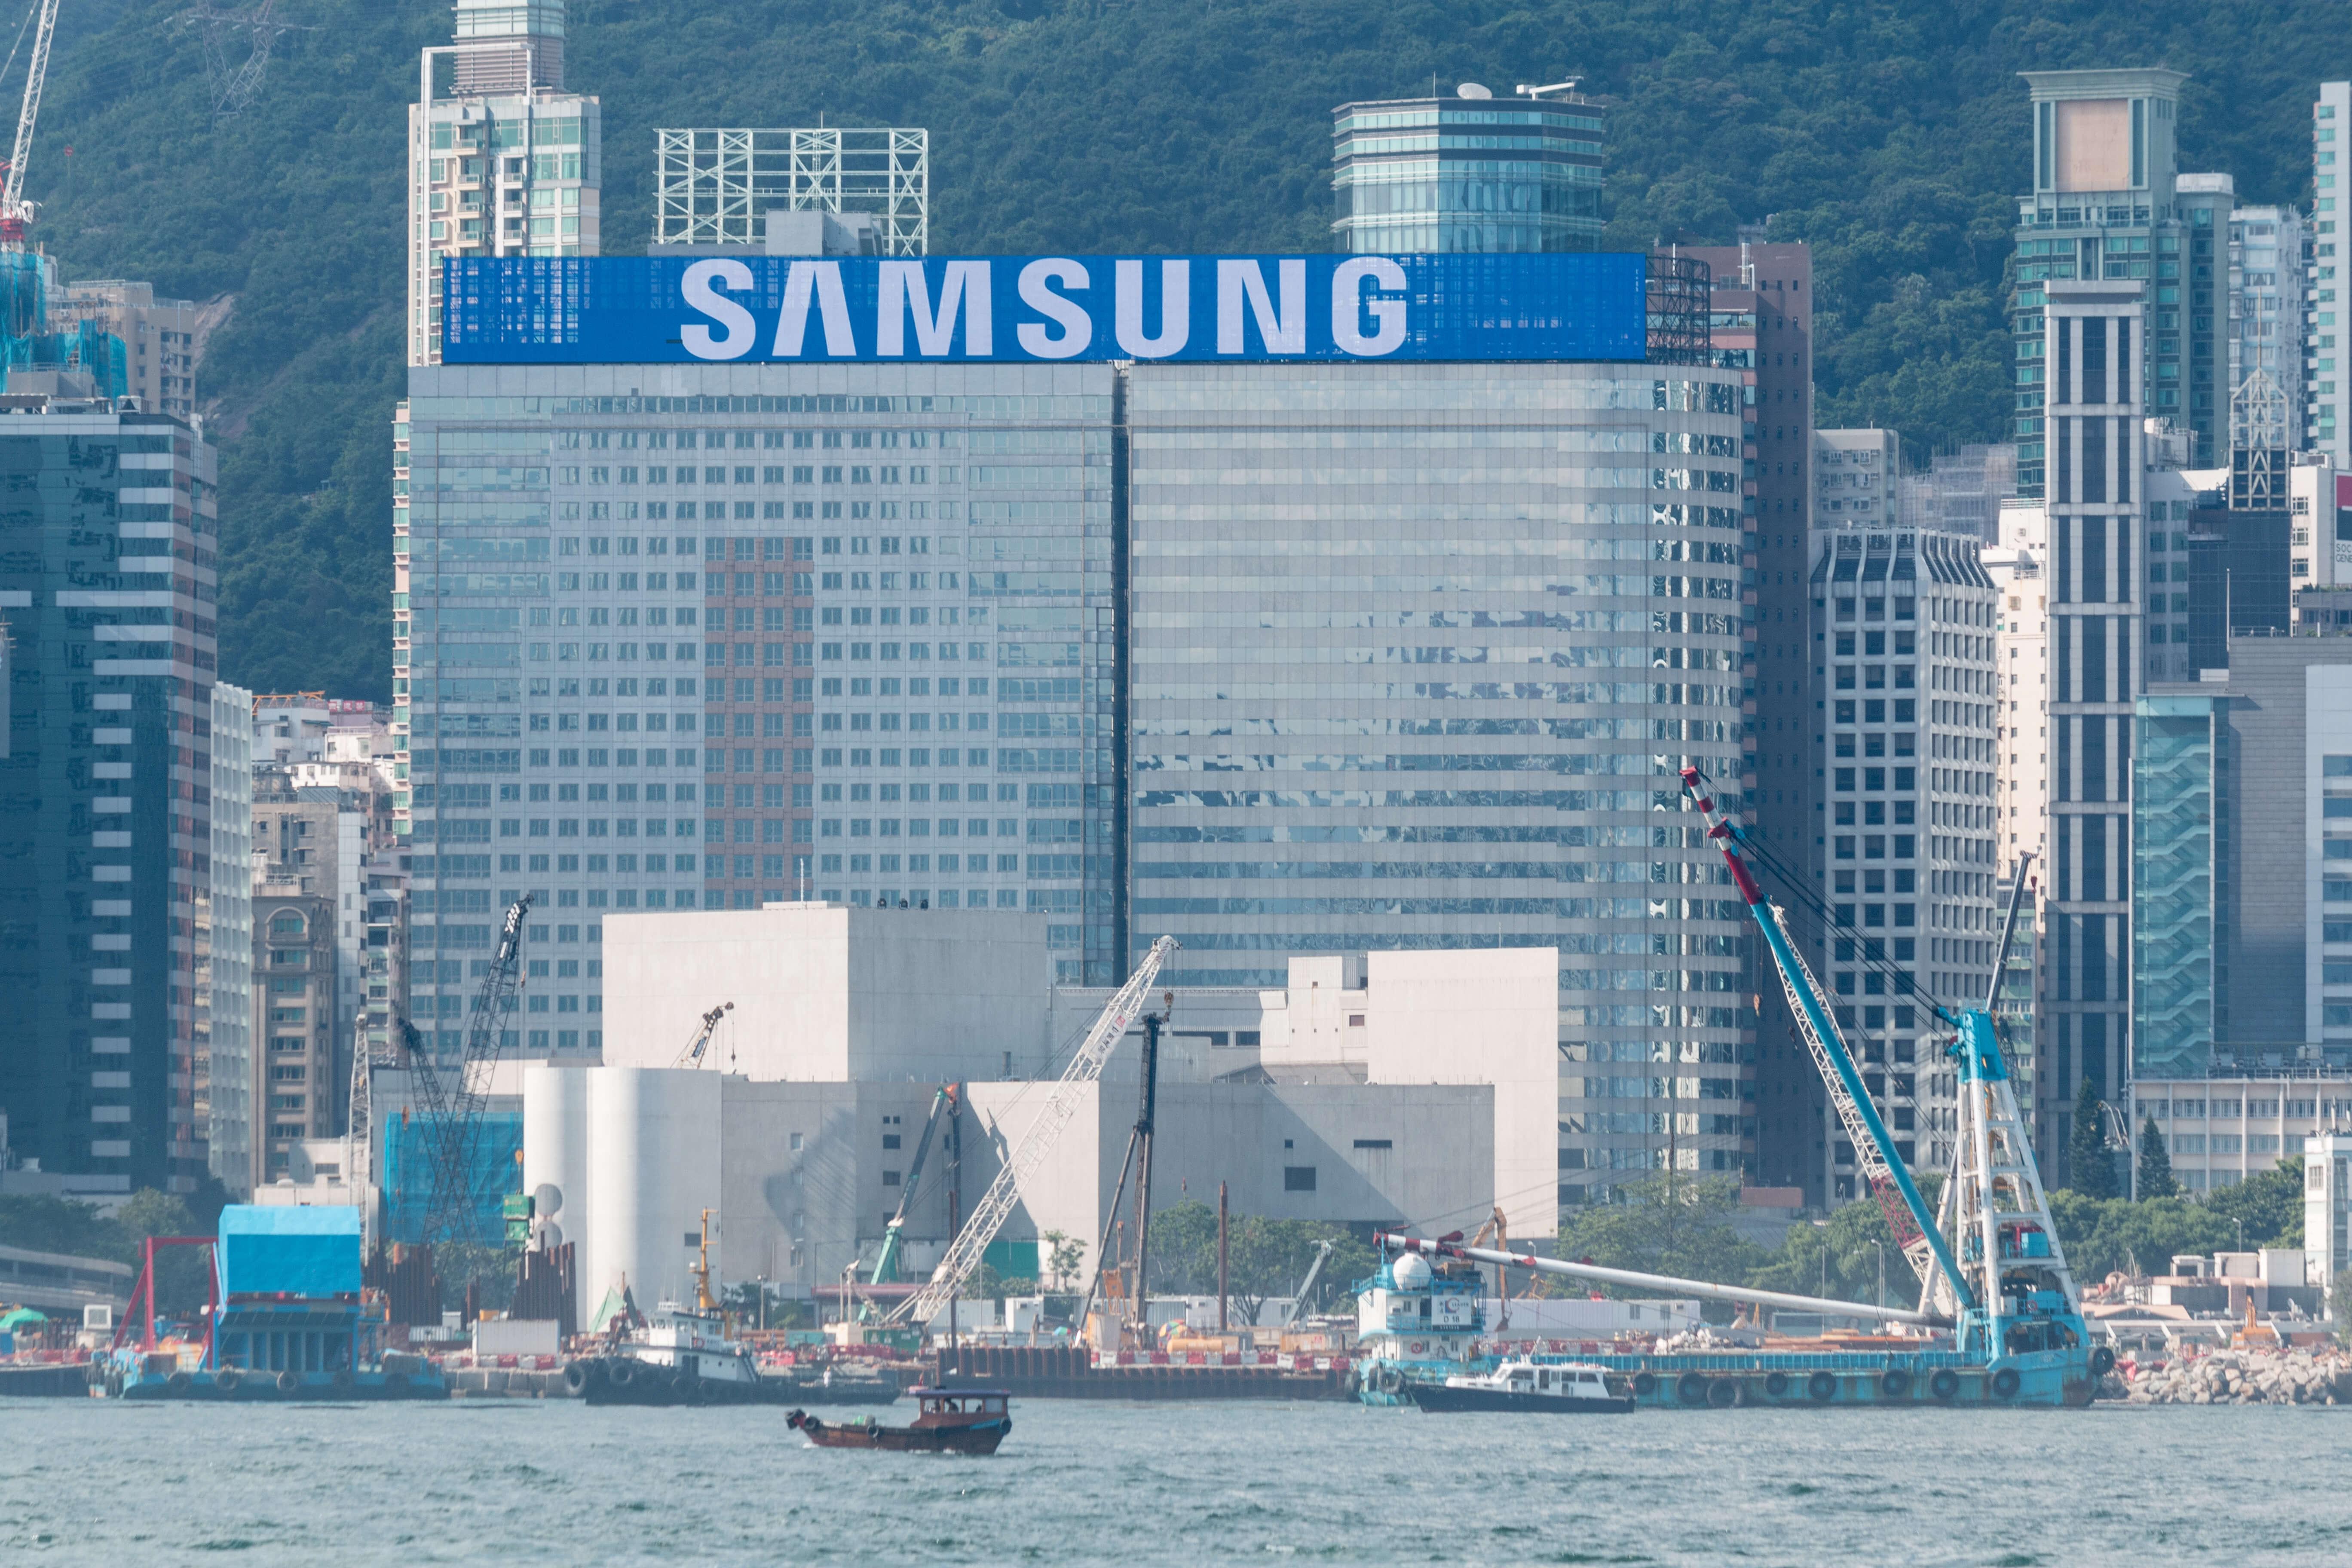 Samsung building Hong Kong